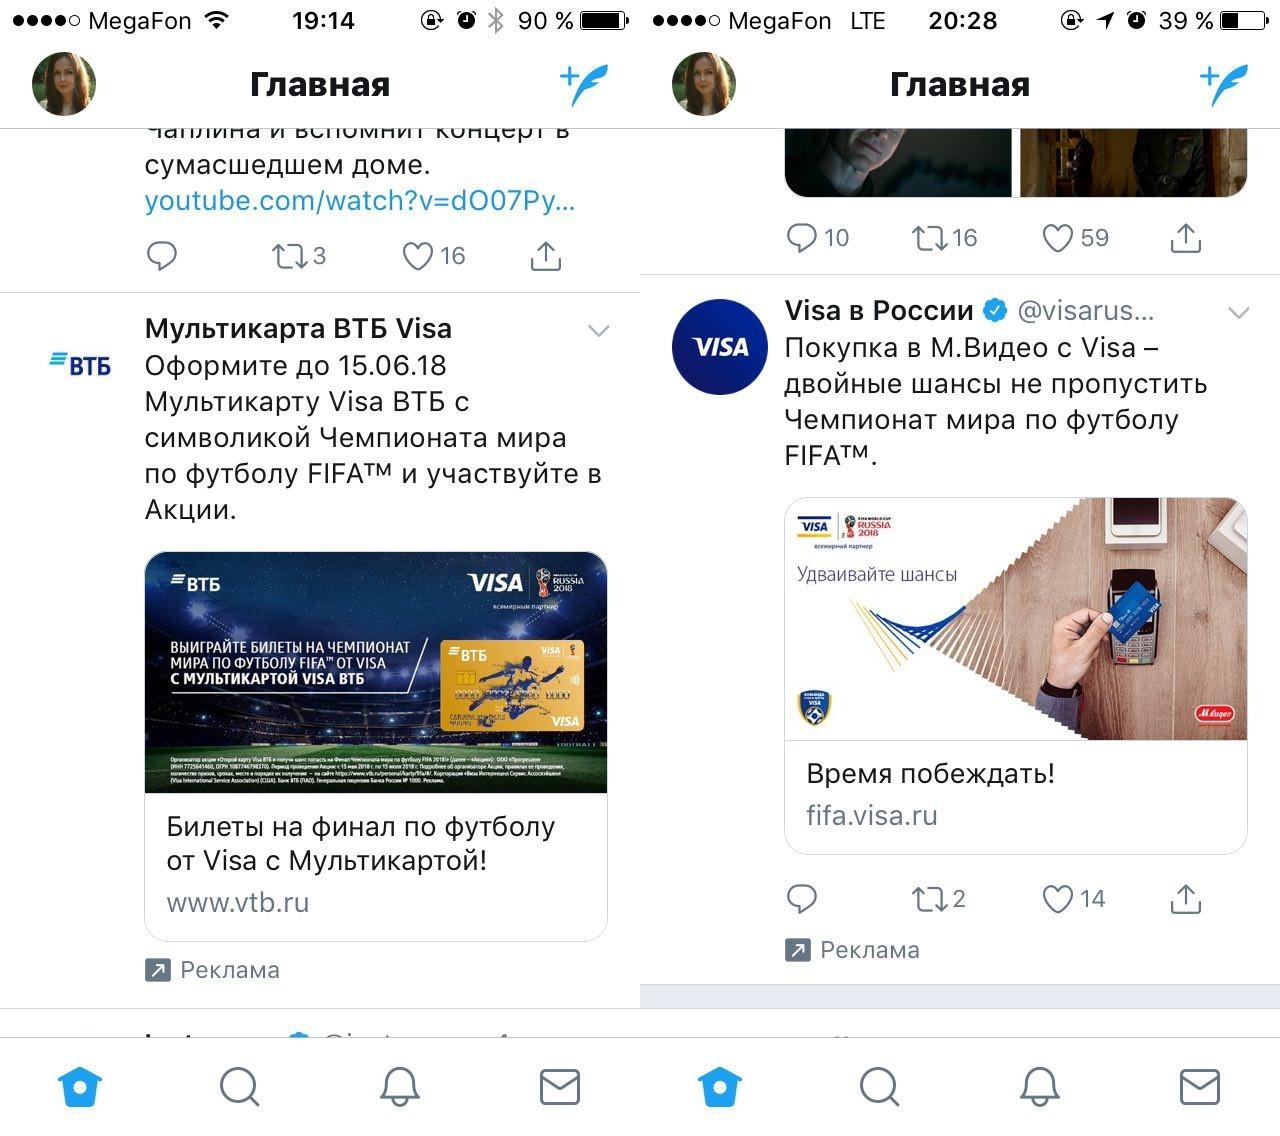 Как правильно использовать возможности Twitter в преддверии Чемпионата Мира 2018